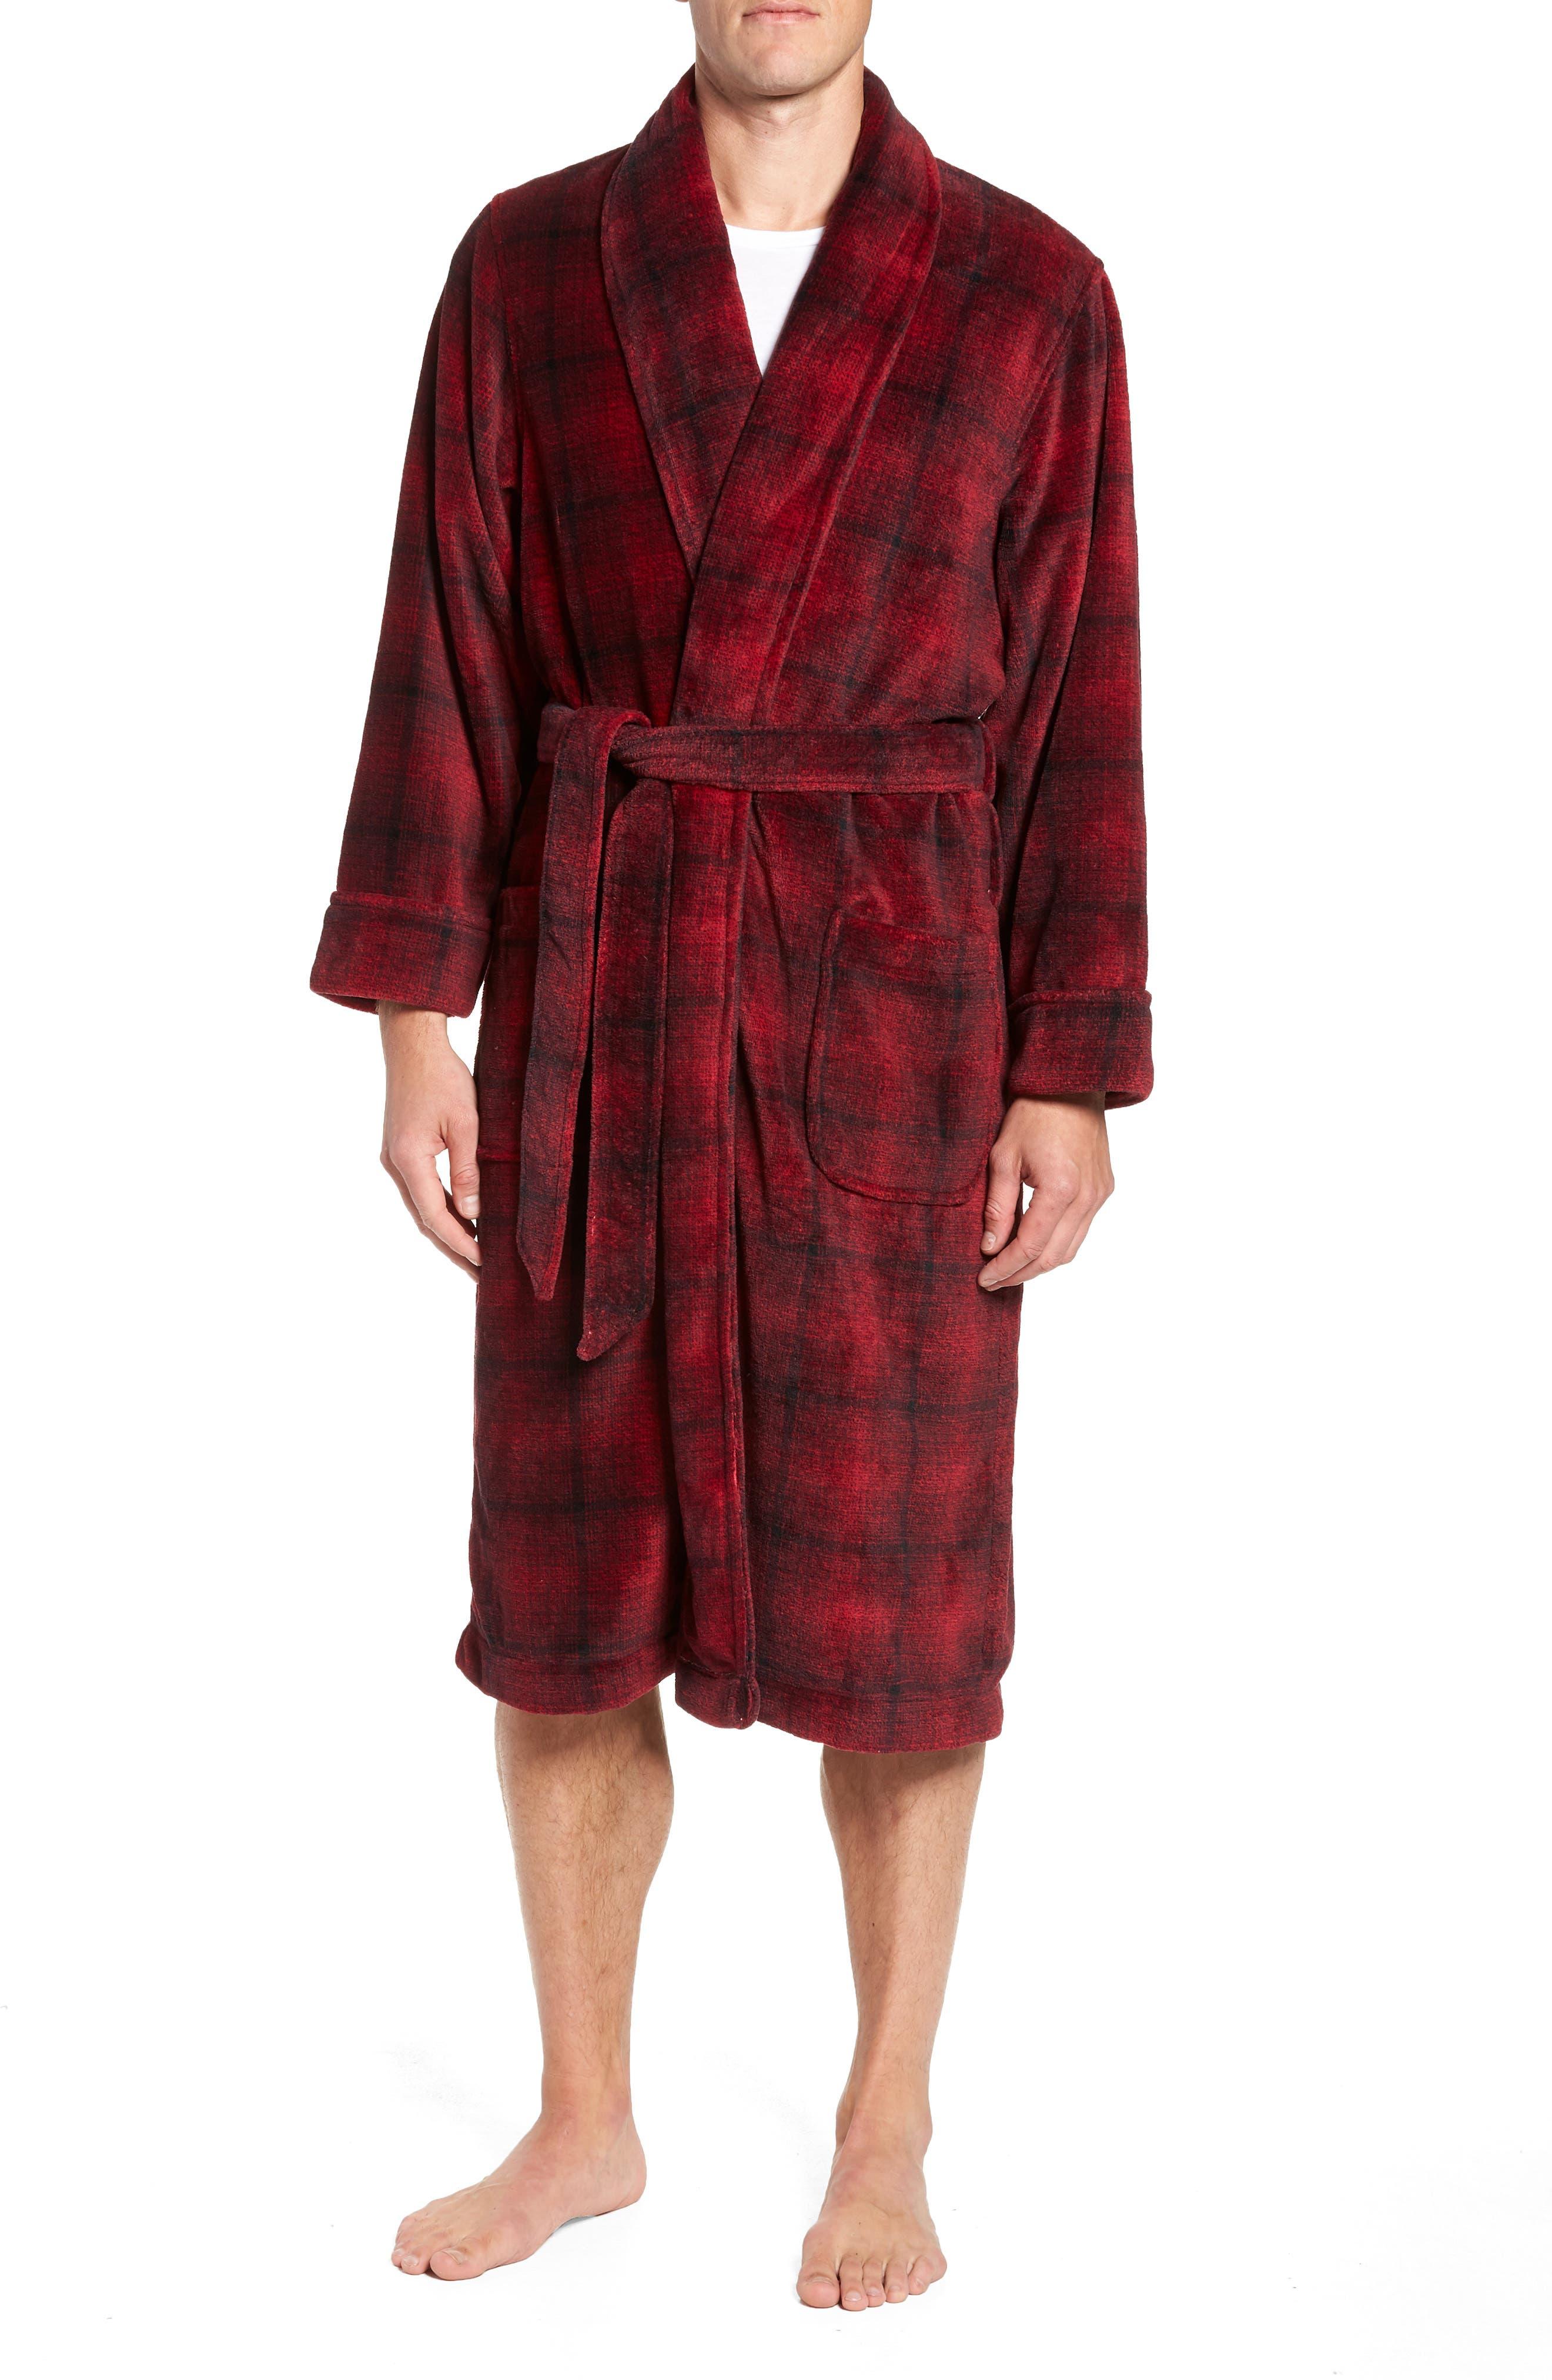 Ombré Plaid Fleece Robe,                         Main,                         color, RED JESTER- BLACK OMBRE PLAID